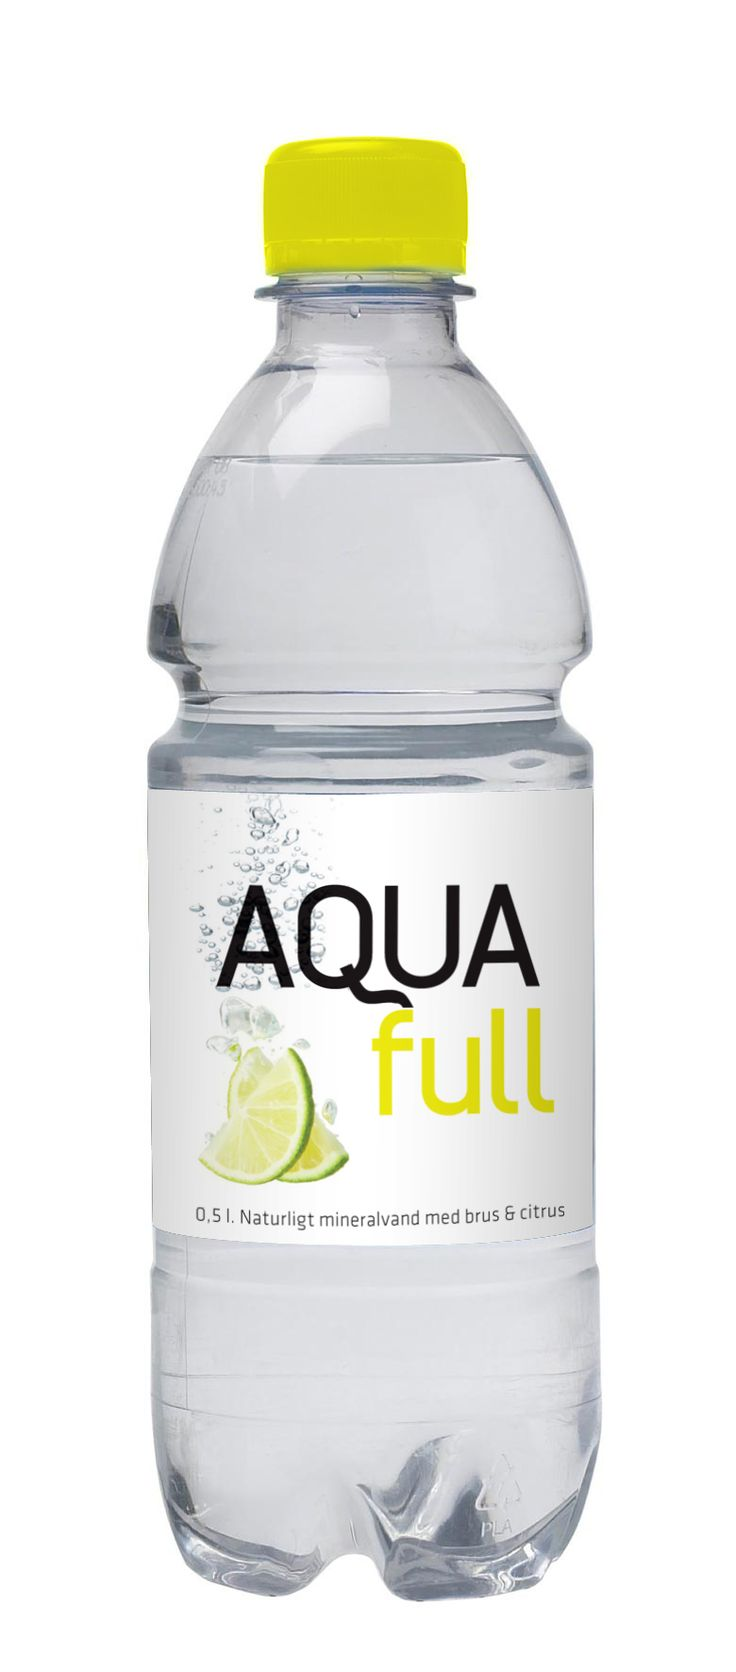 Water packaging and name - Aquafull